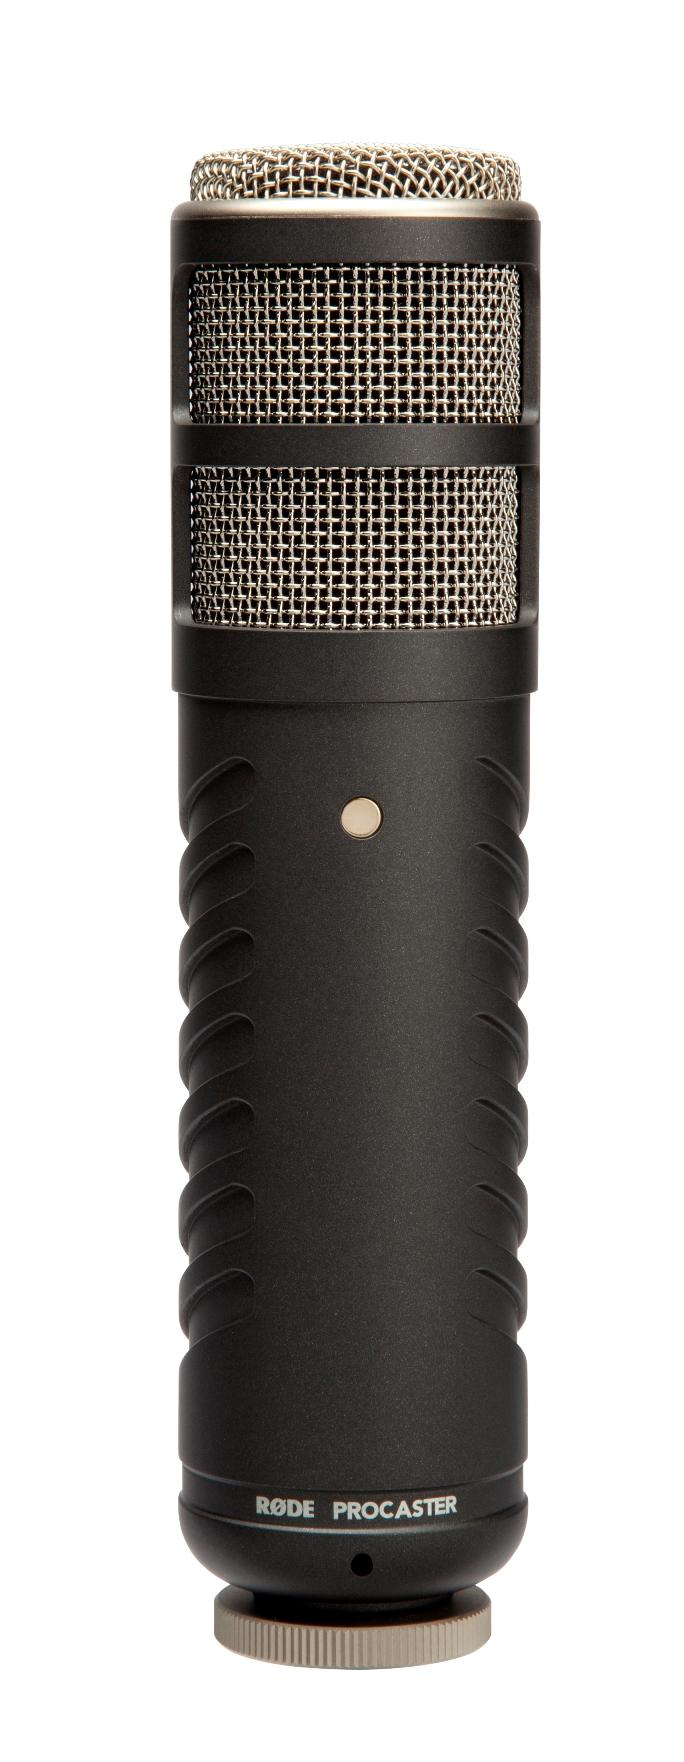 Image of   RØDE Procaster dynamisk mikrofon til broadcast